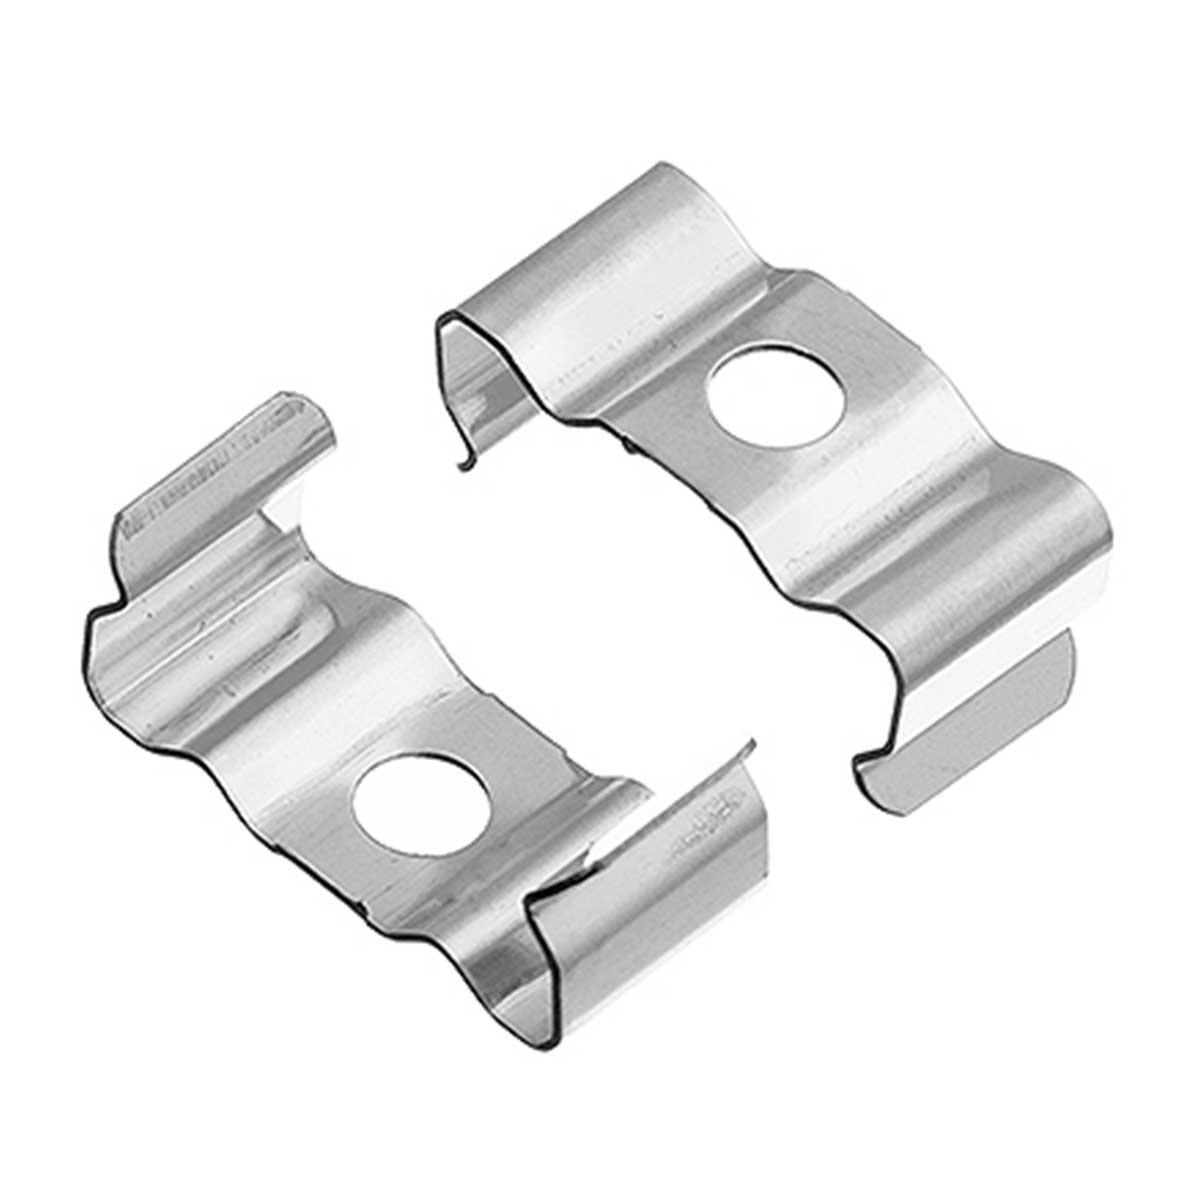 1 Paar Montageclips Halter für Aufbau U-Profil 17x14mm (4276)